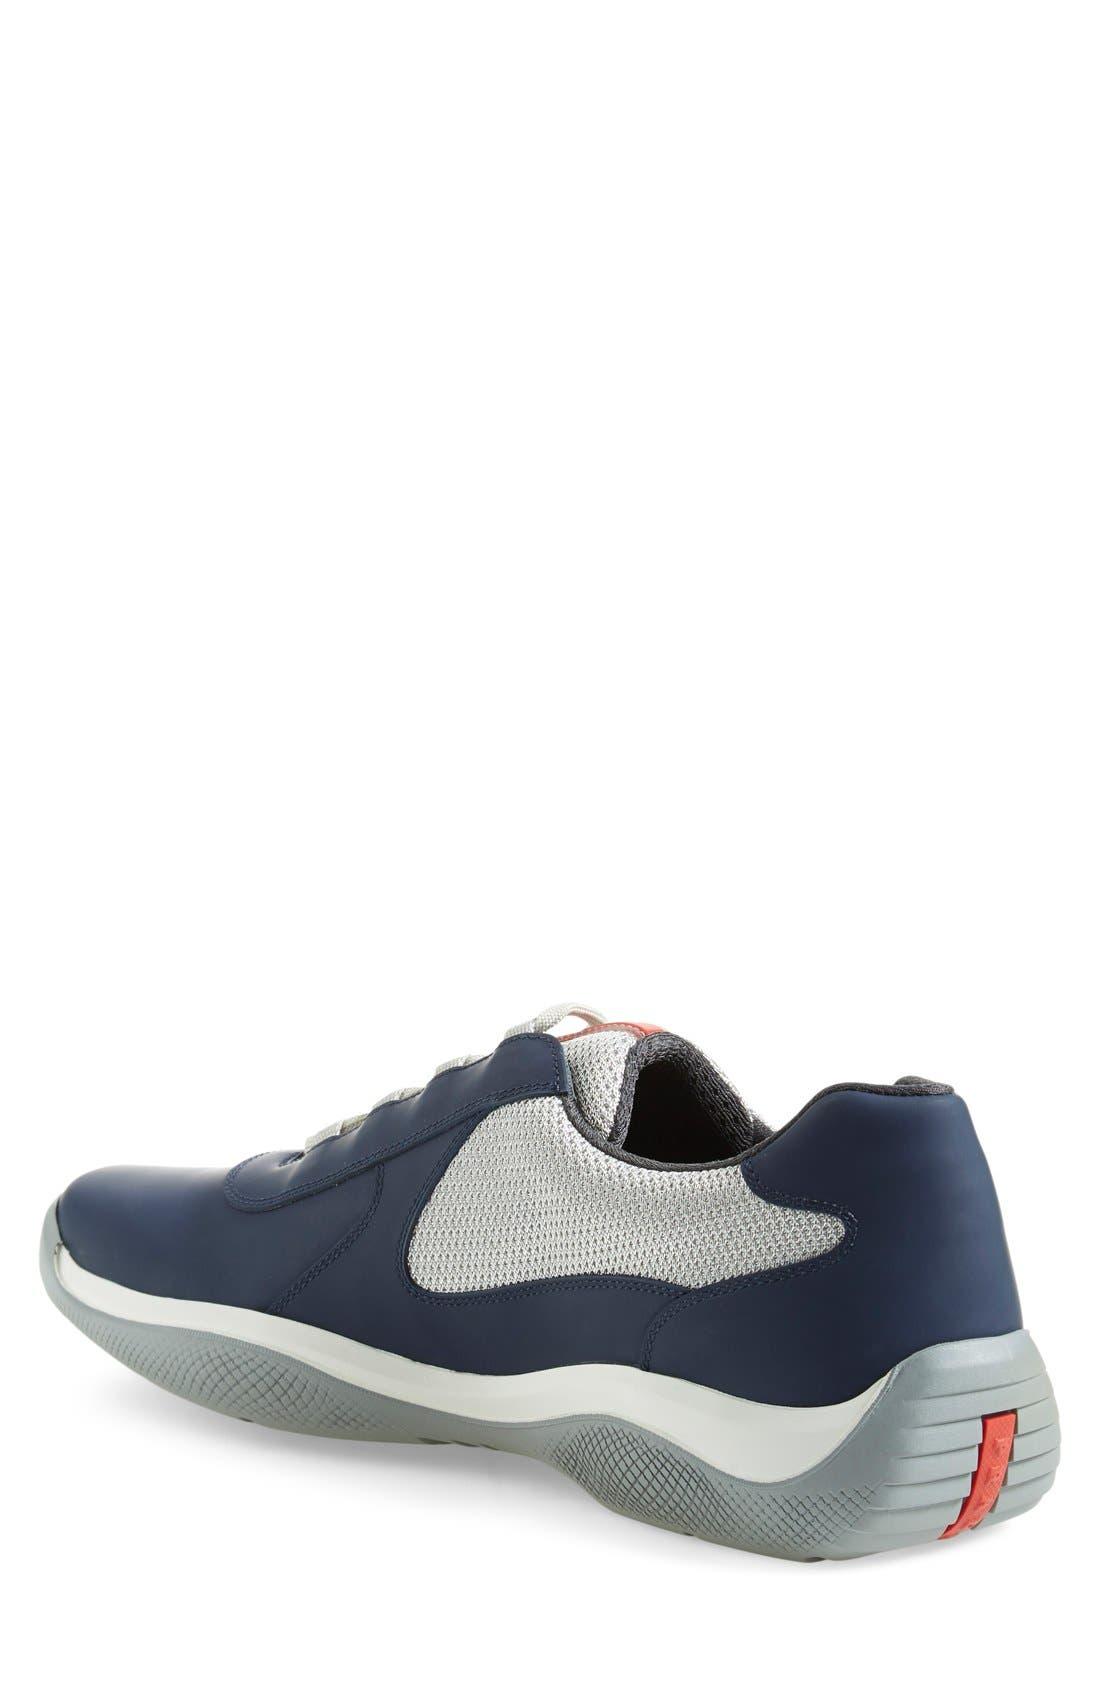 Alternate Image 2  - Prada 'Punta Ala' Sneaker (Men)